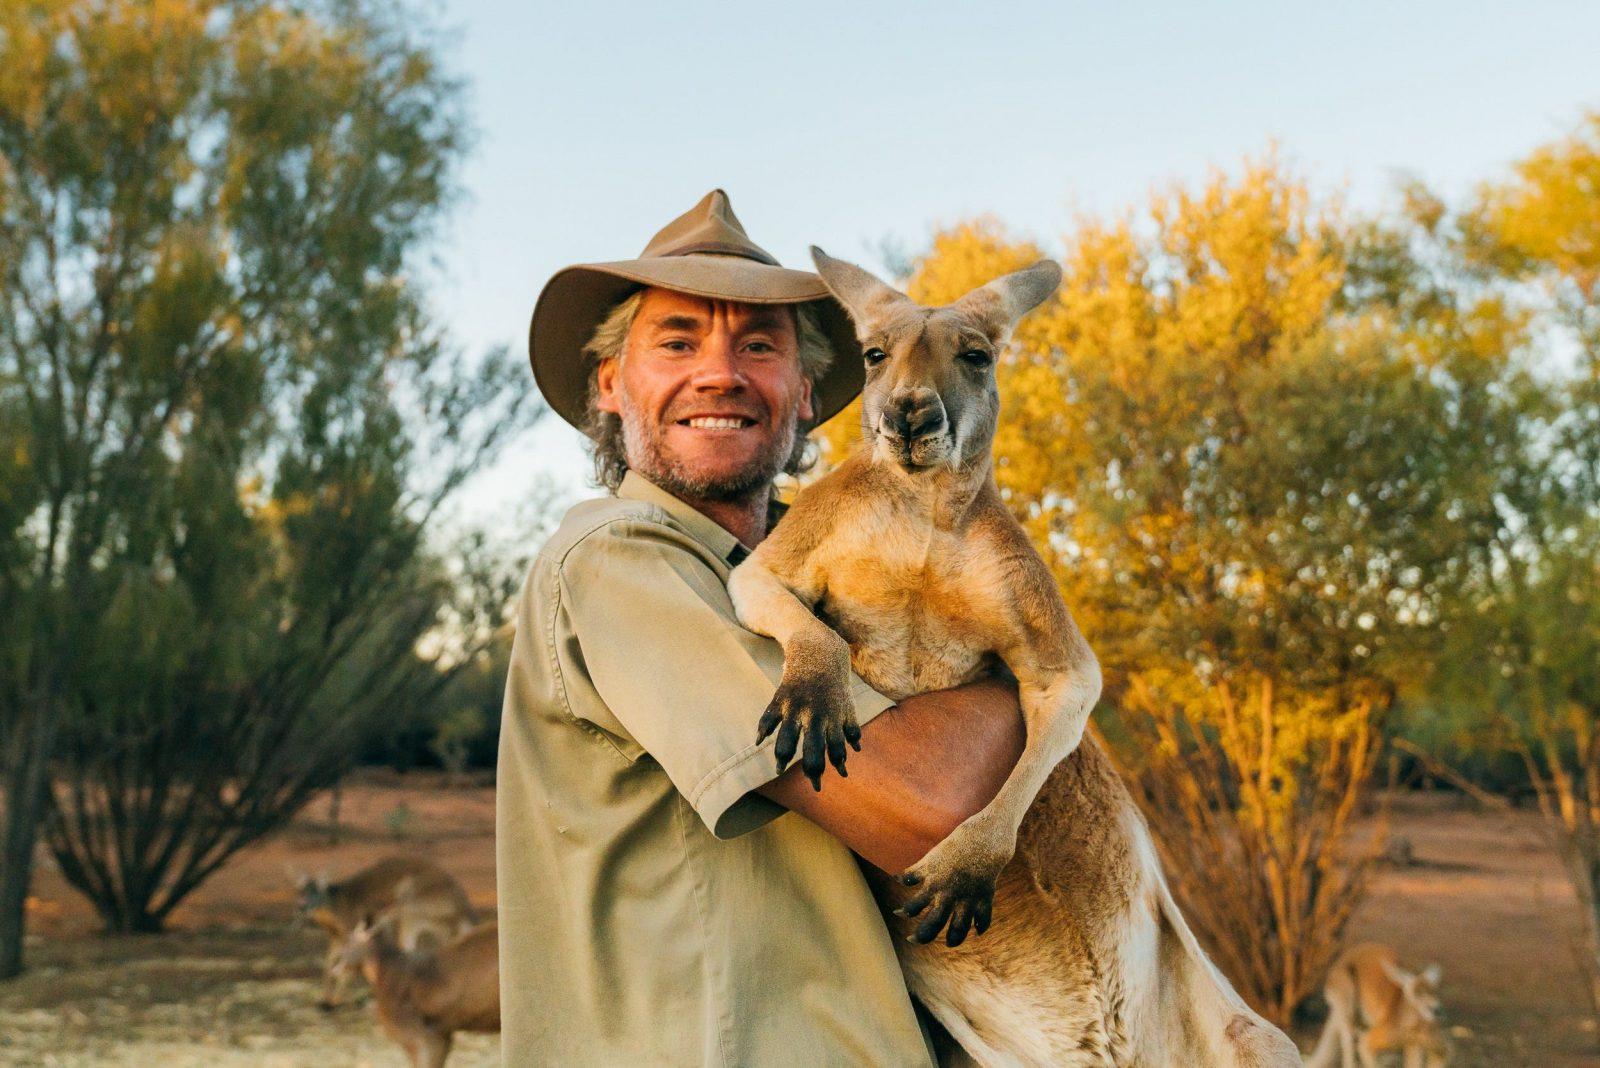 Chris Barns ('Brolga'), aka Kangaroo Dundee, cuddling a red kangaroo.